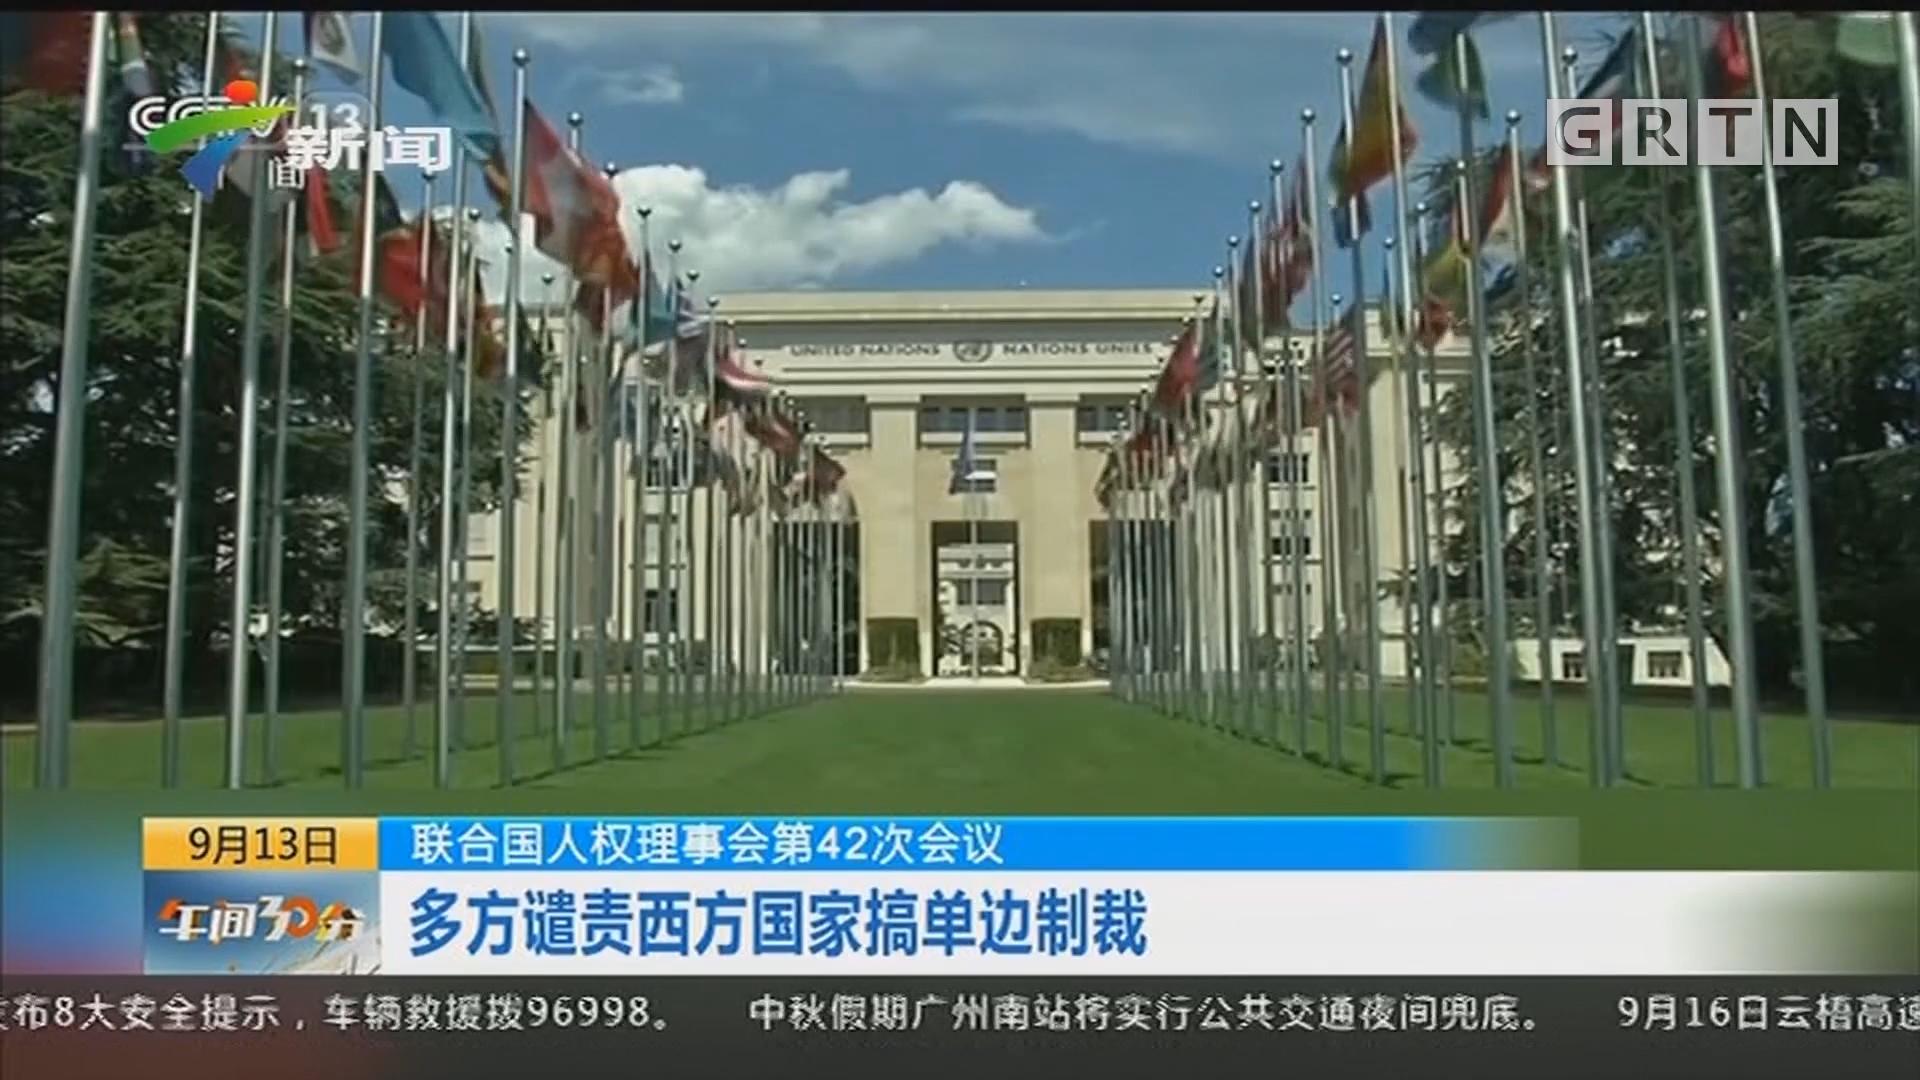 联合国人权理事会第42次会议:多方谴责西方国家搞单边制裁